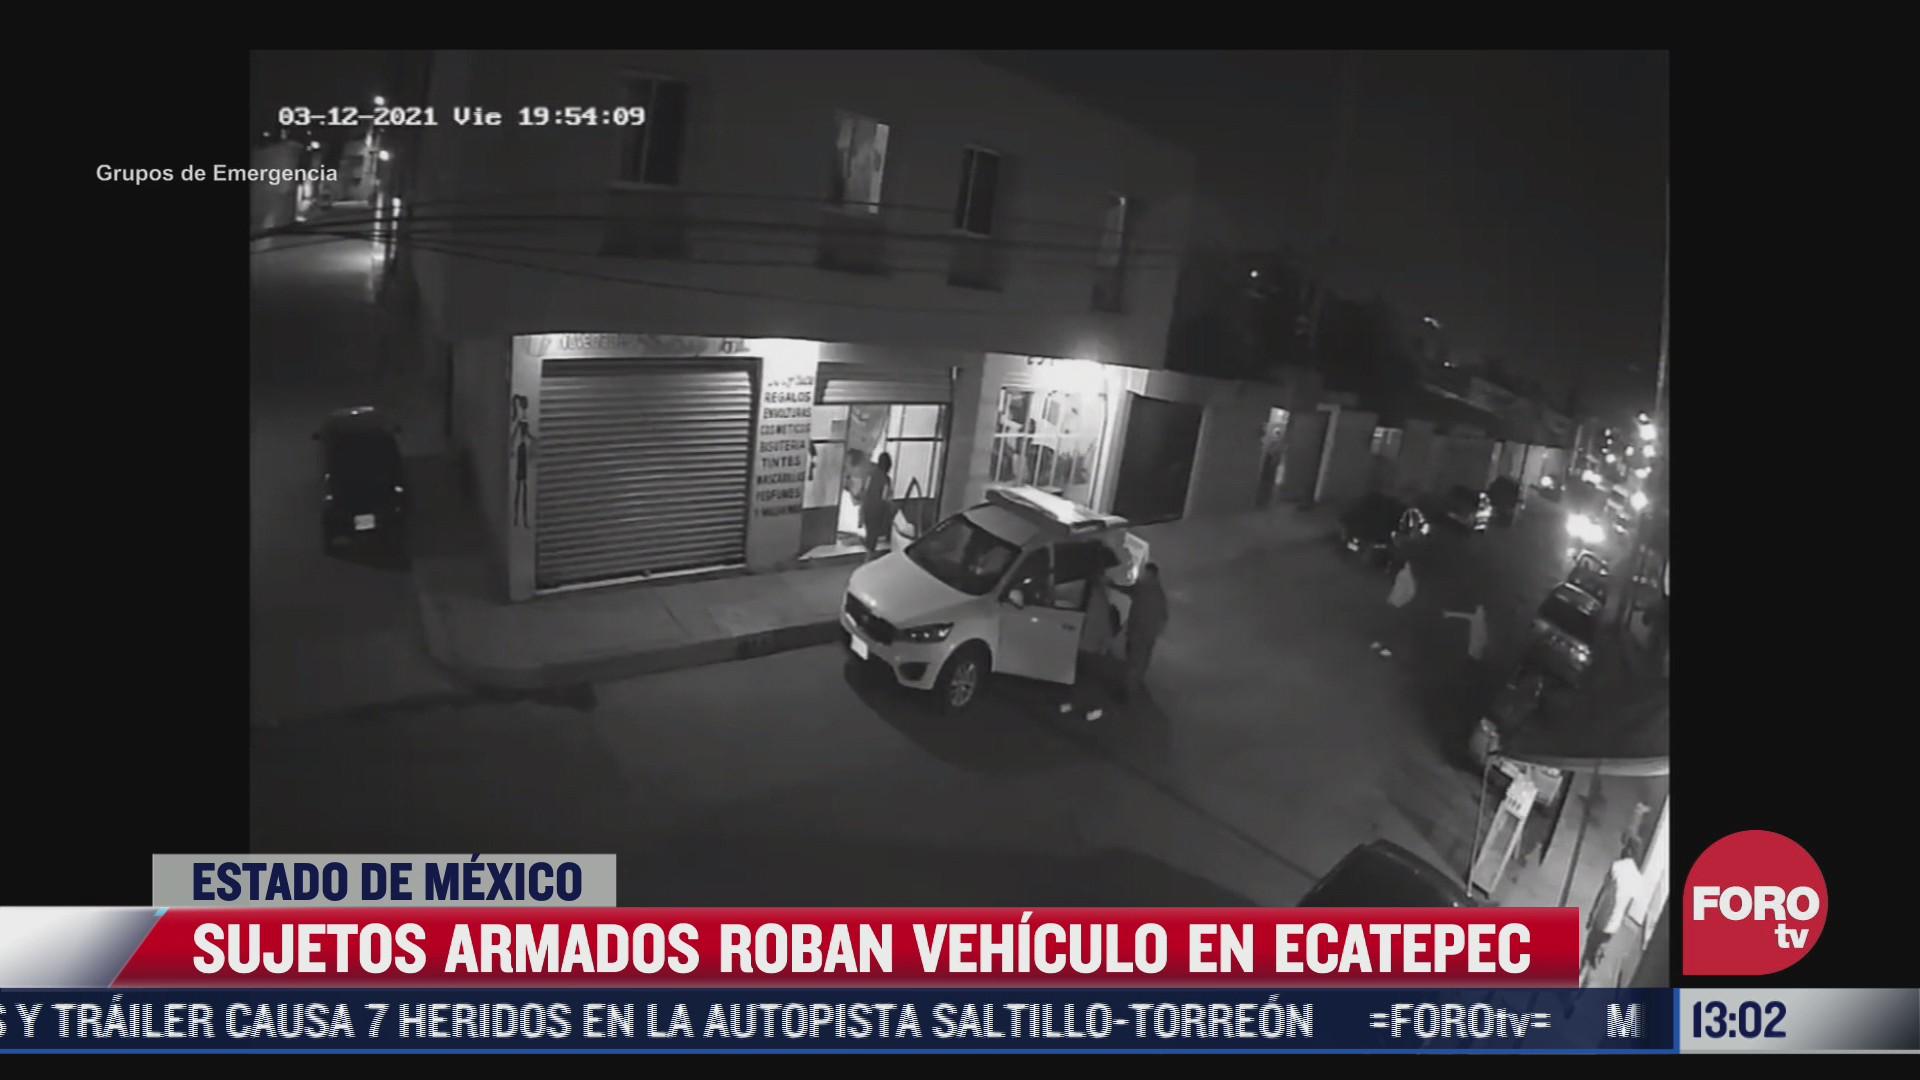 camaras de seguridad graban robo de vehiculo en ecatepec estado de mexico